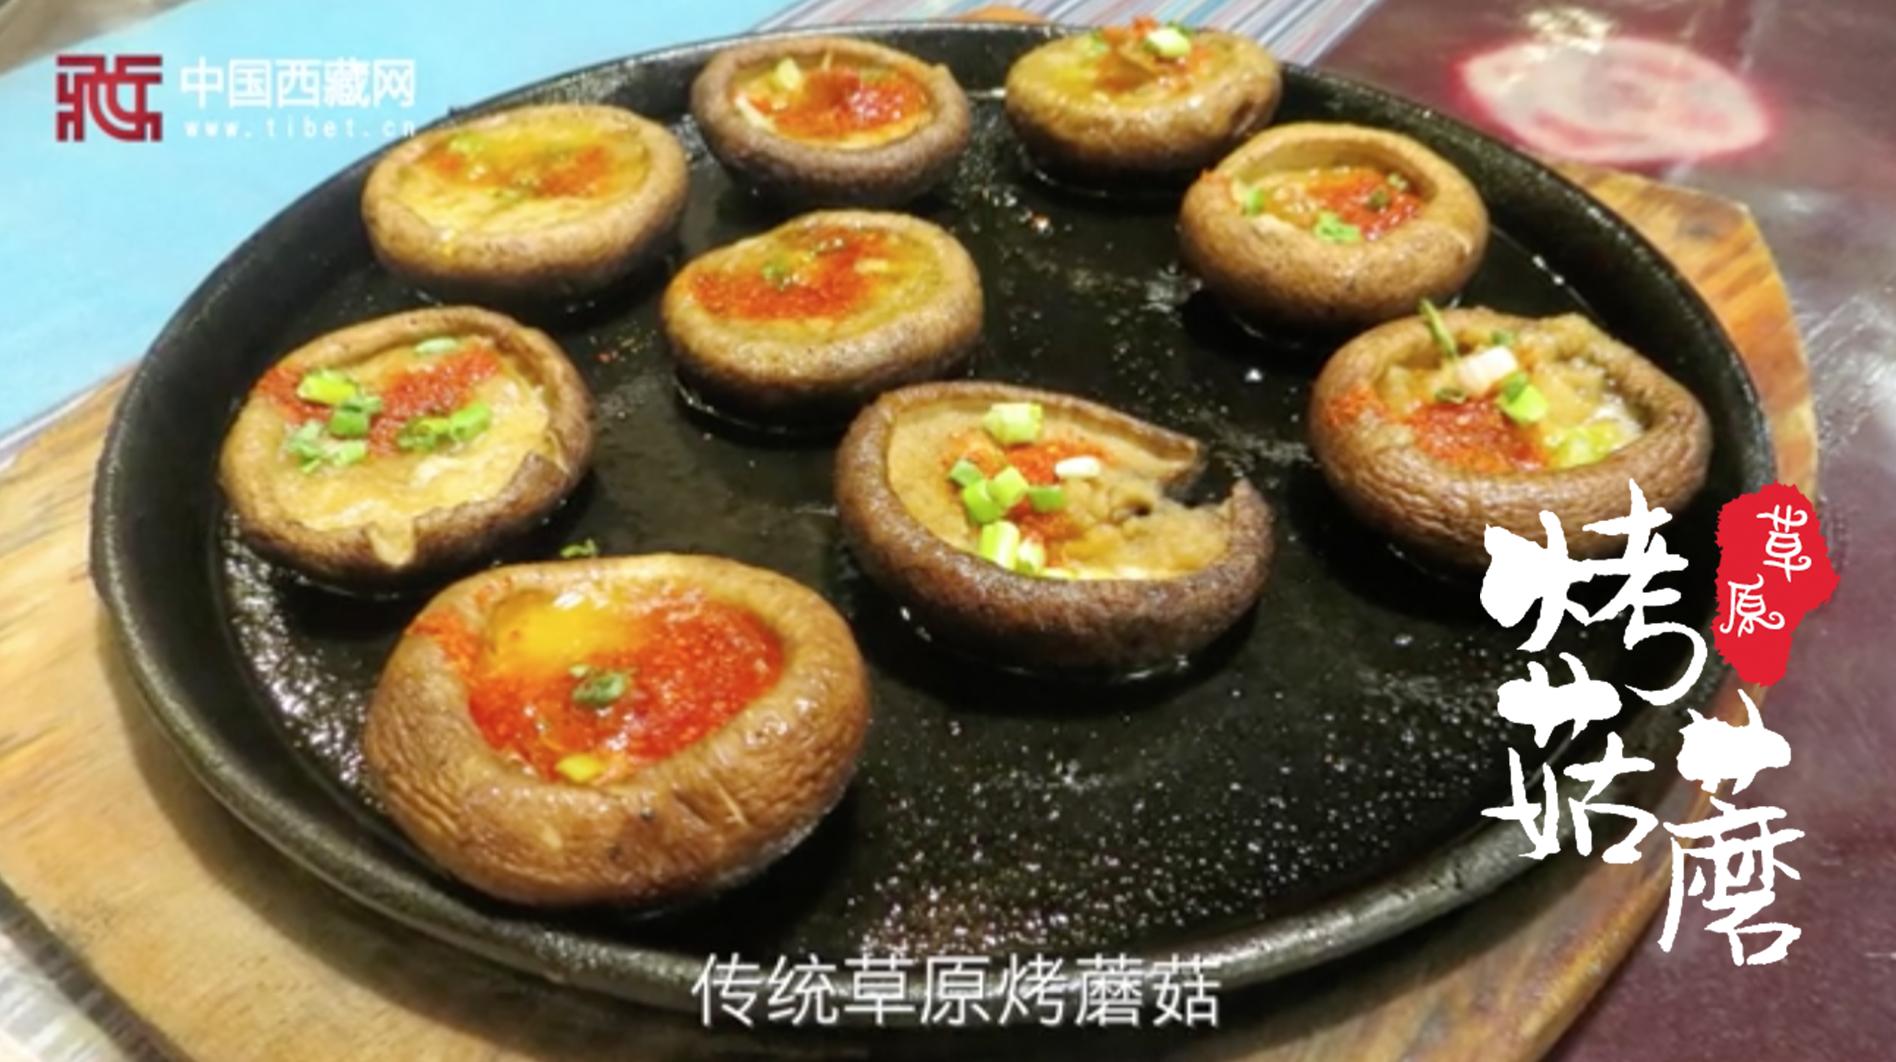 【寻味西藏】传统草原烤蘑菇